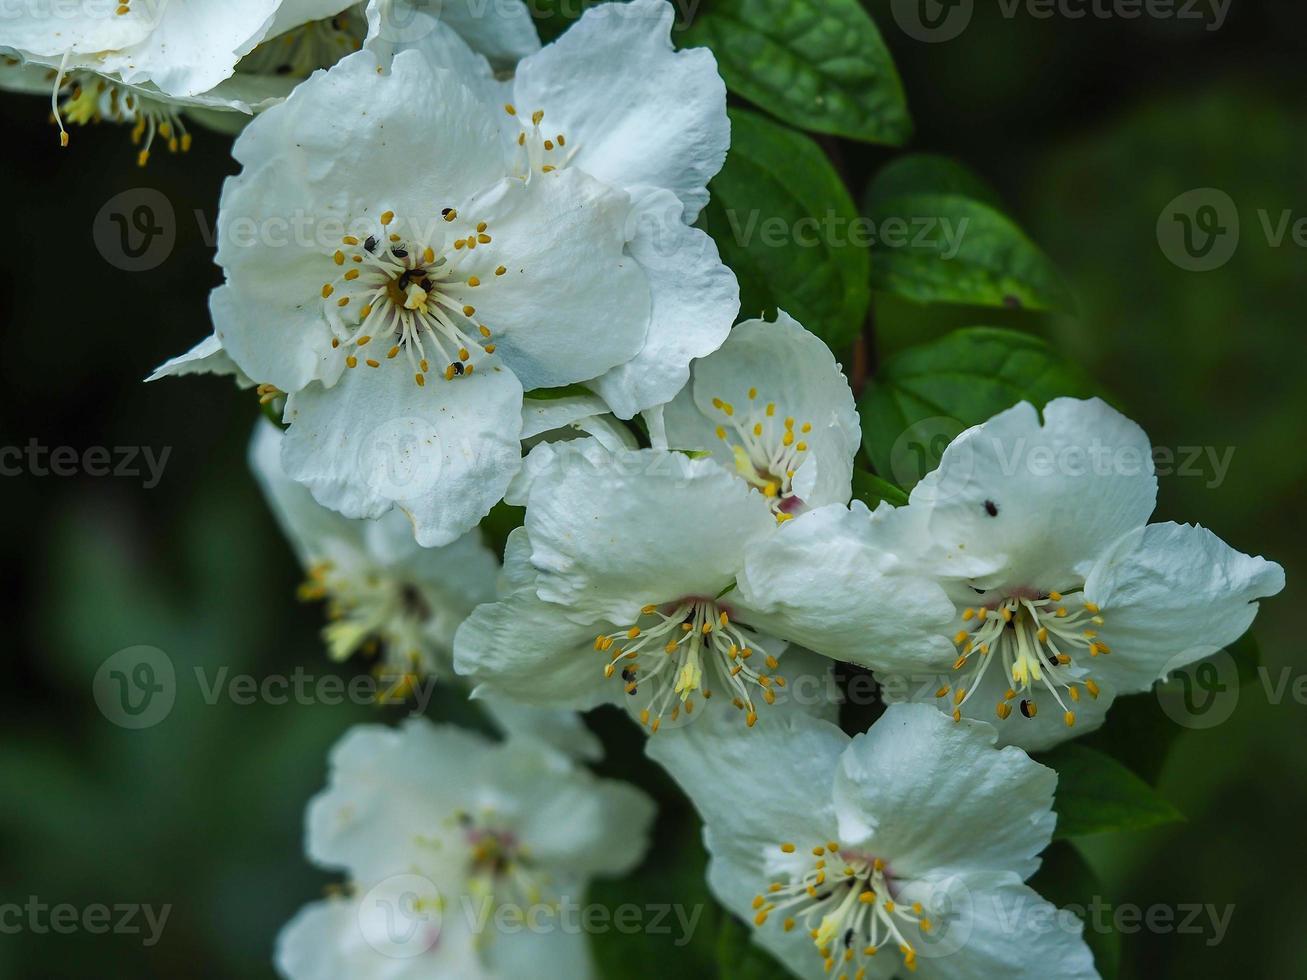 flor blanca en un dulce arbusto de naranja simulado, philadelphus foto